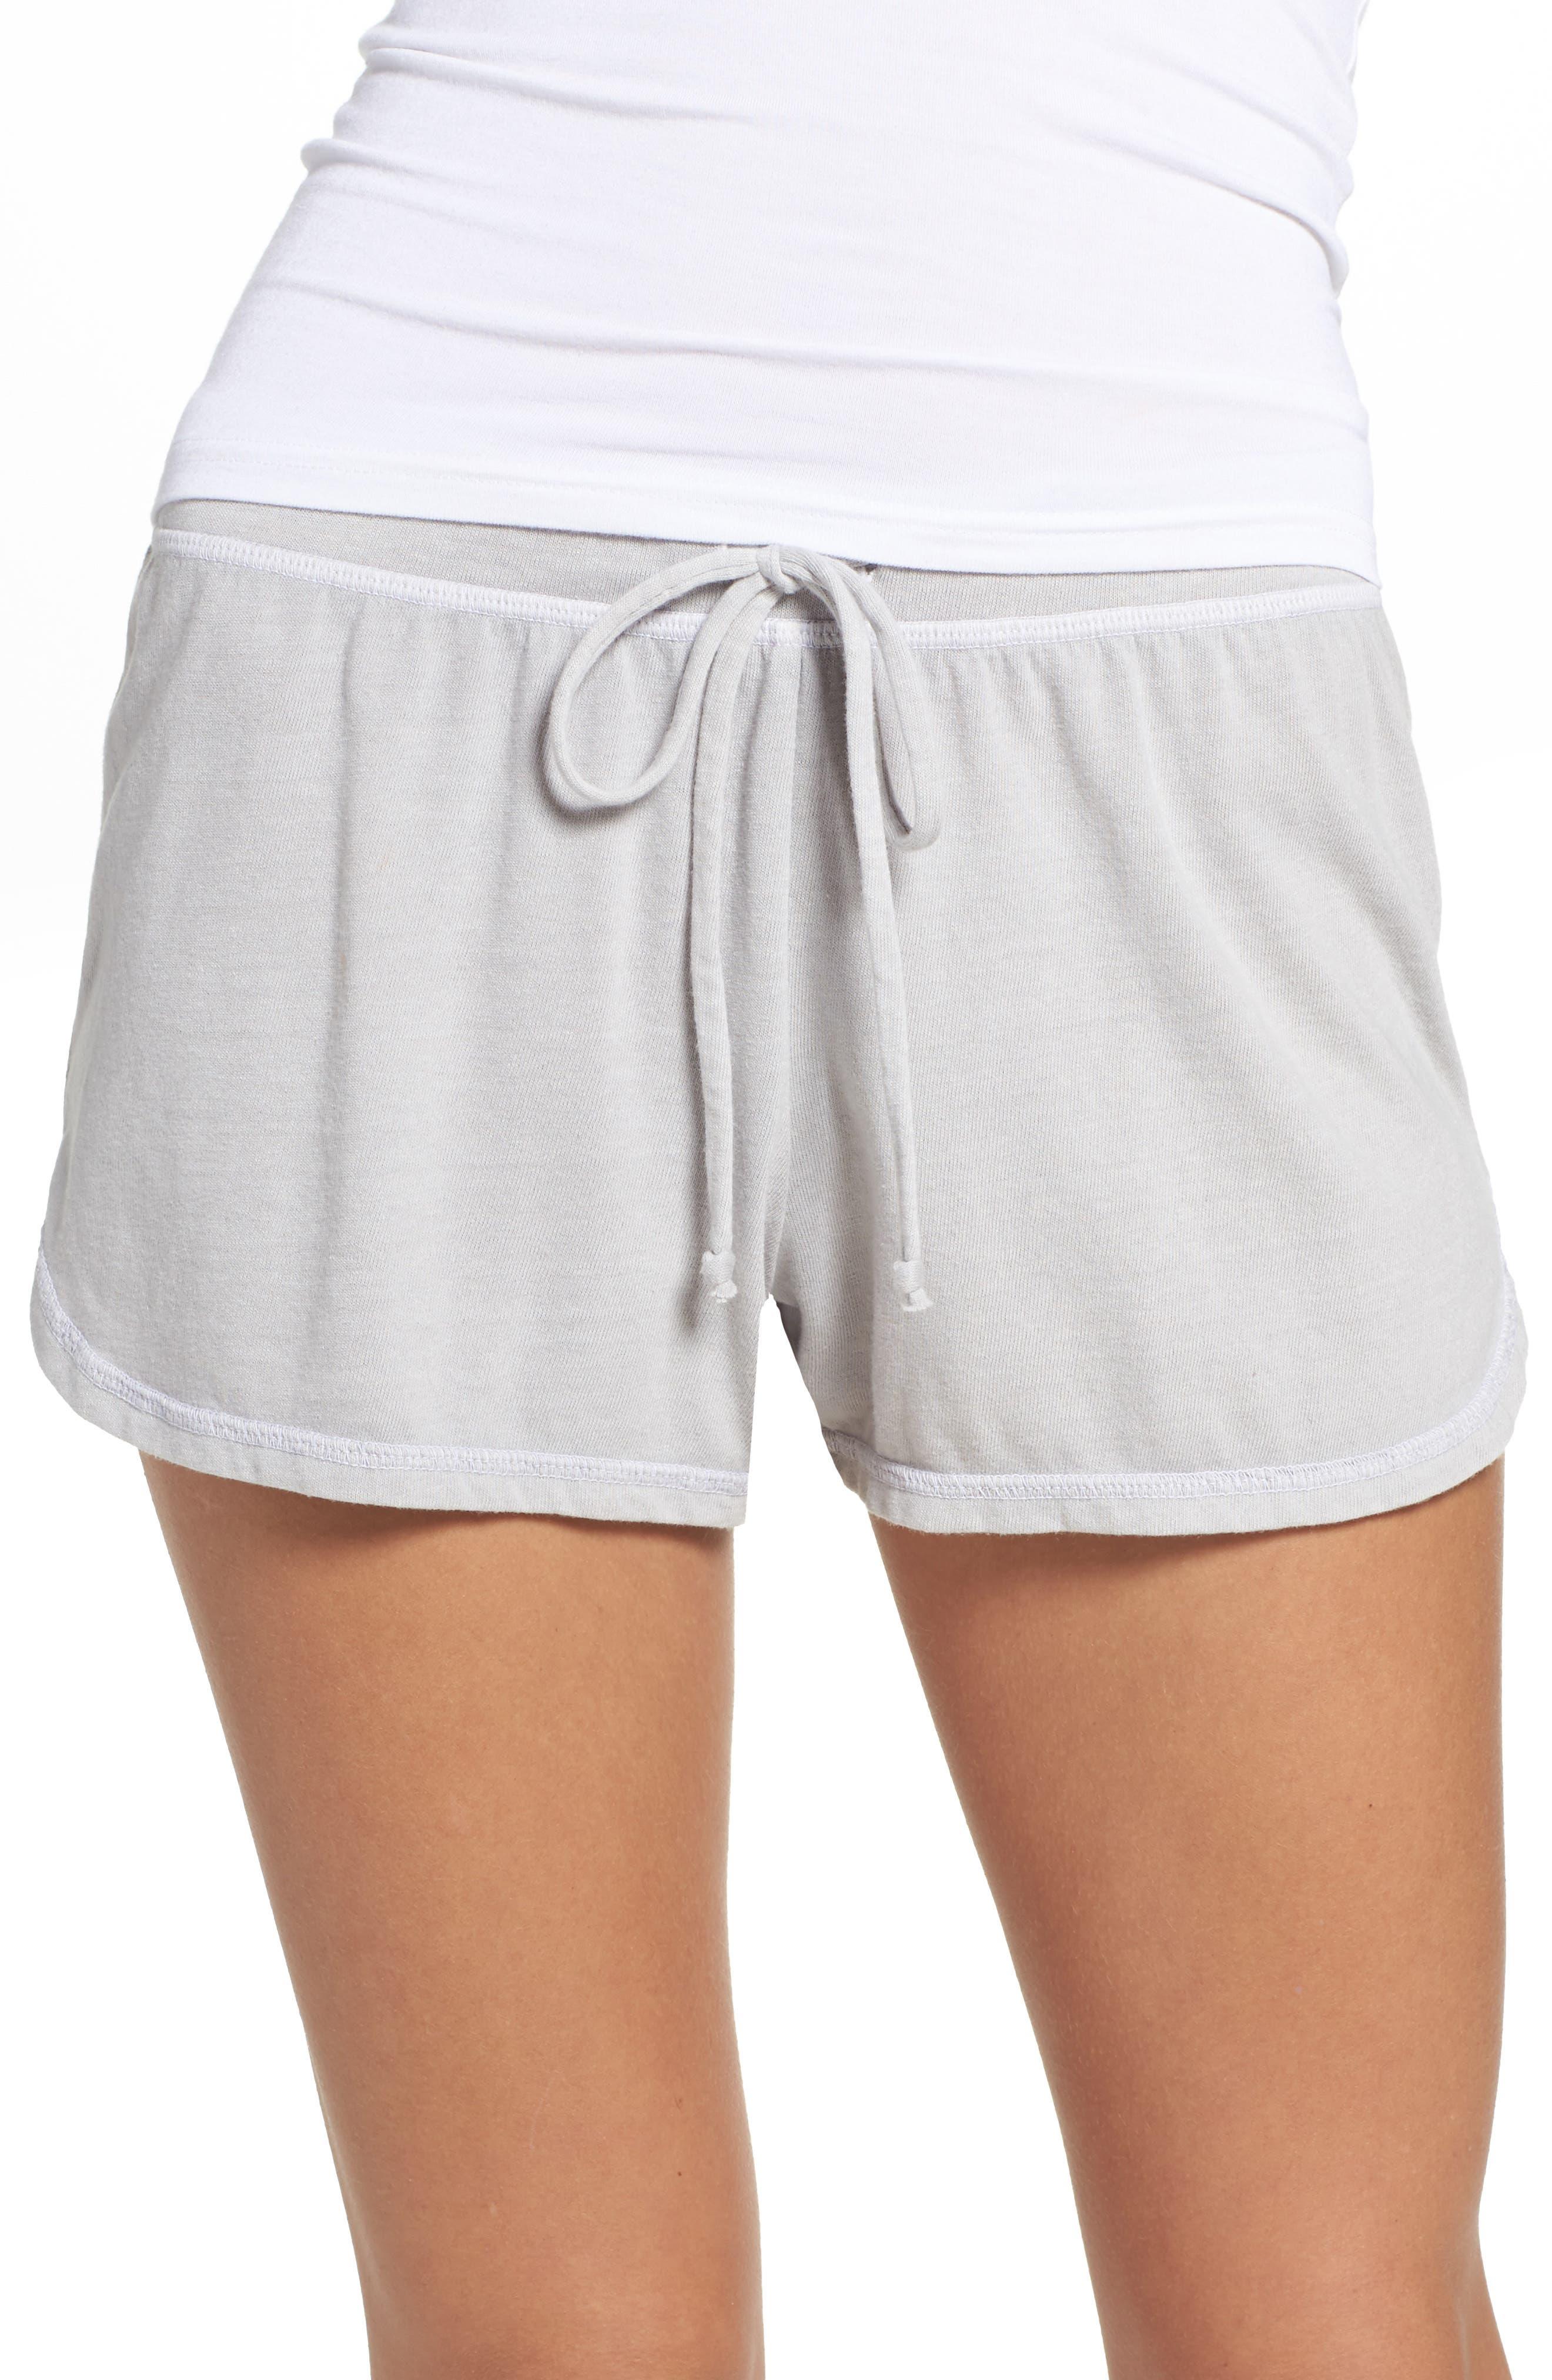 Junkfood Lounge Shorts